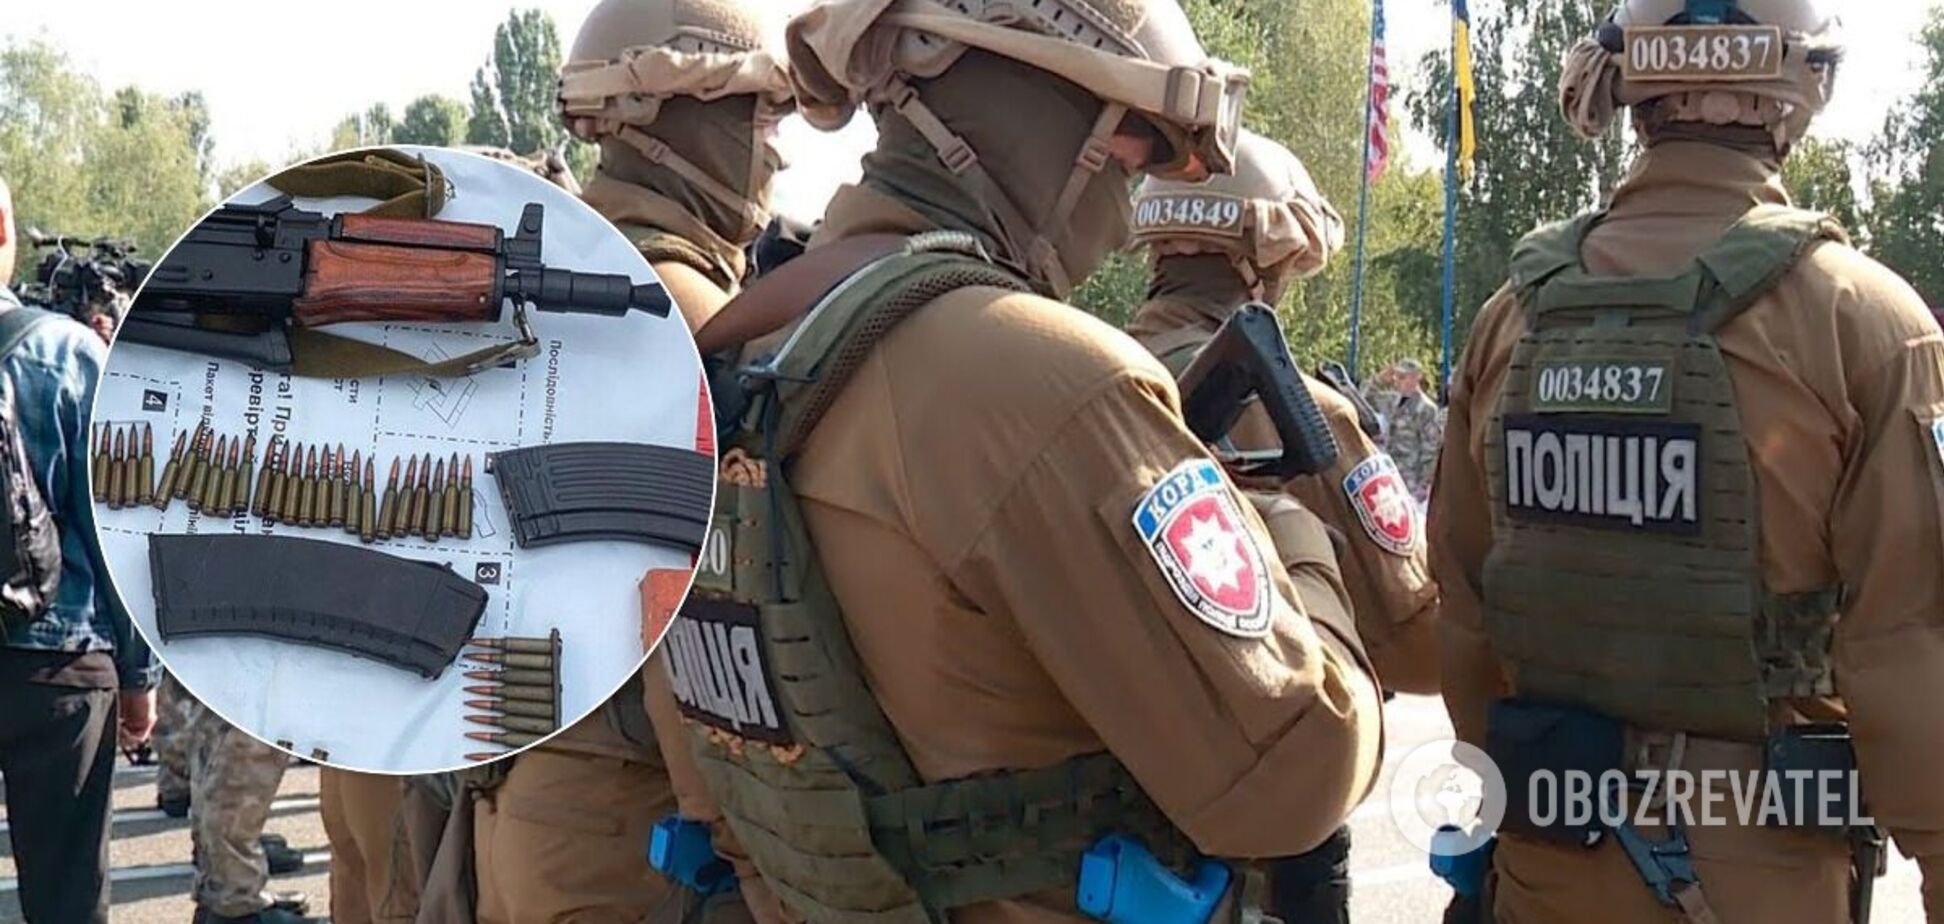 Правоохоронці затримали військових ЗСУ, які продавали зброю